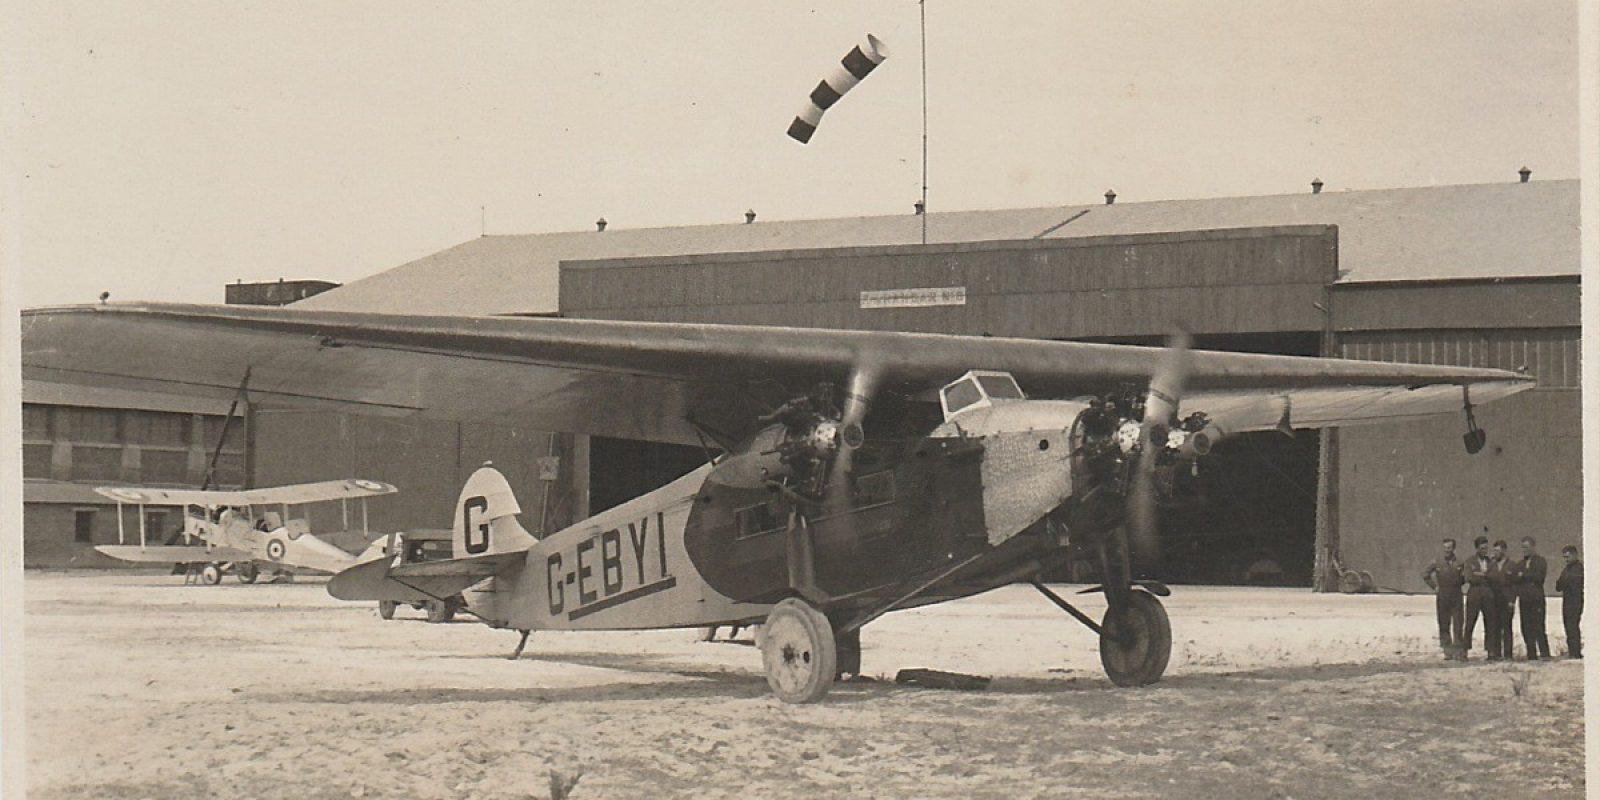 Een prachtfoto van het zakenvliegtuig Fokker F.VIIa/3m G-EBYI. (Archief Roger Birchall)